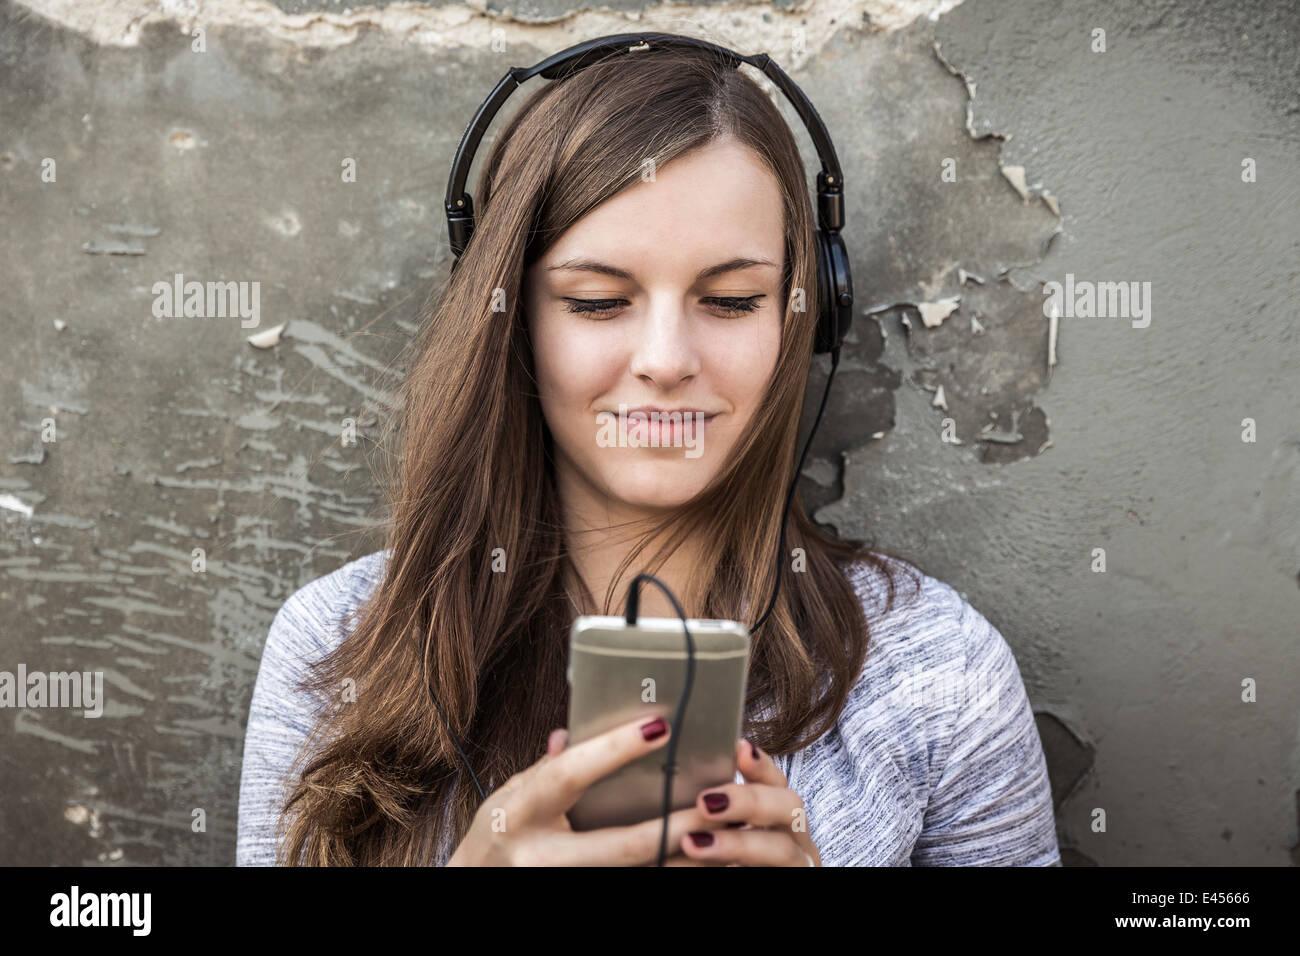 Adolescente escuchando música en el smartphone Imagen De Stock